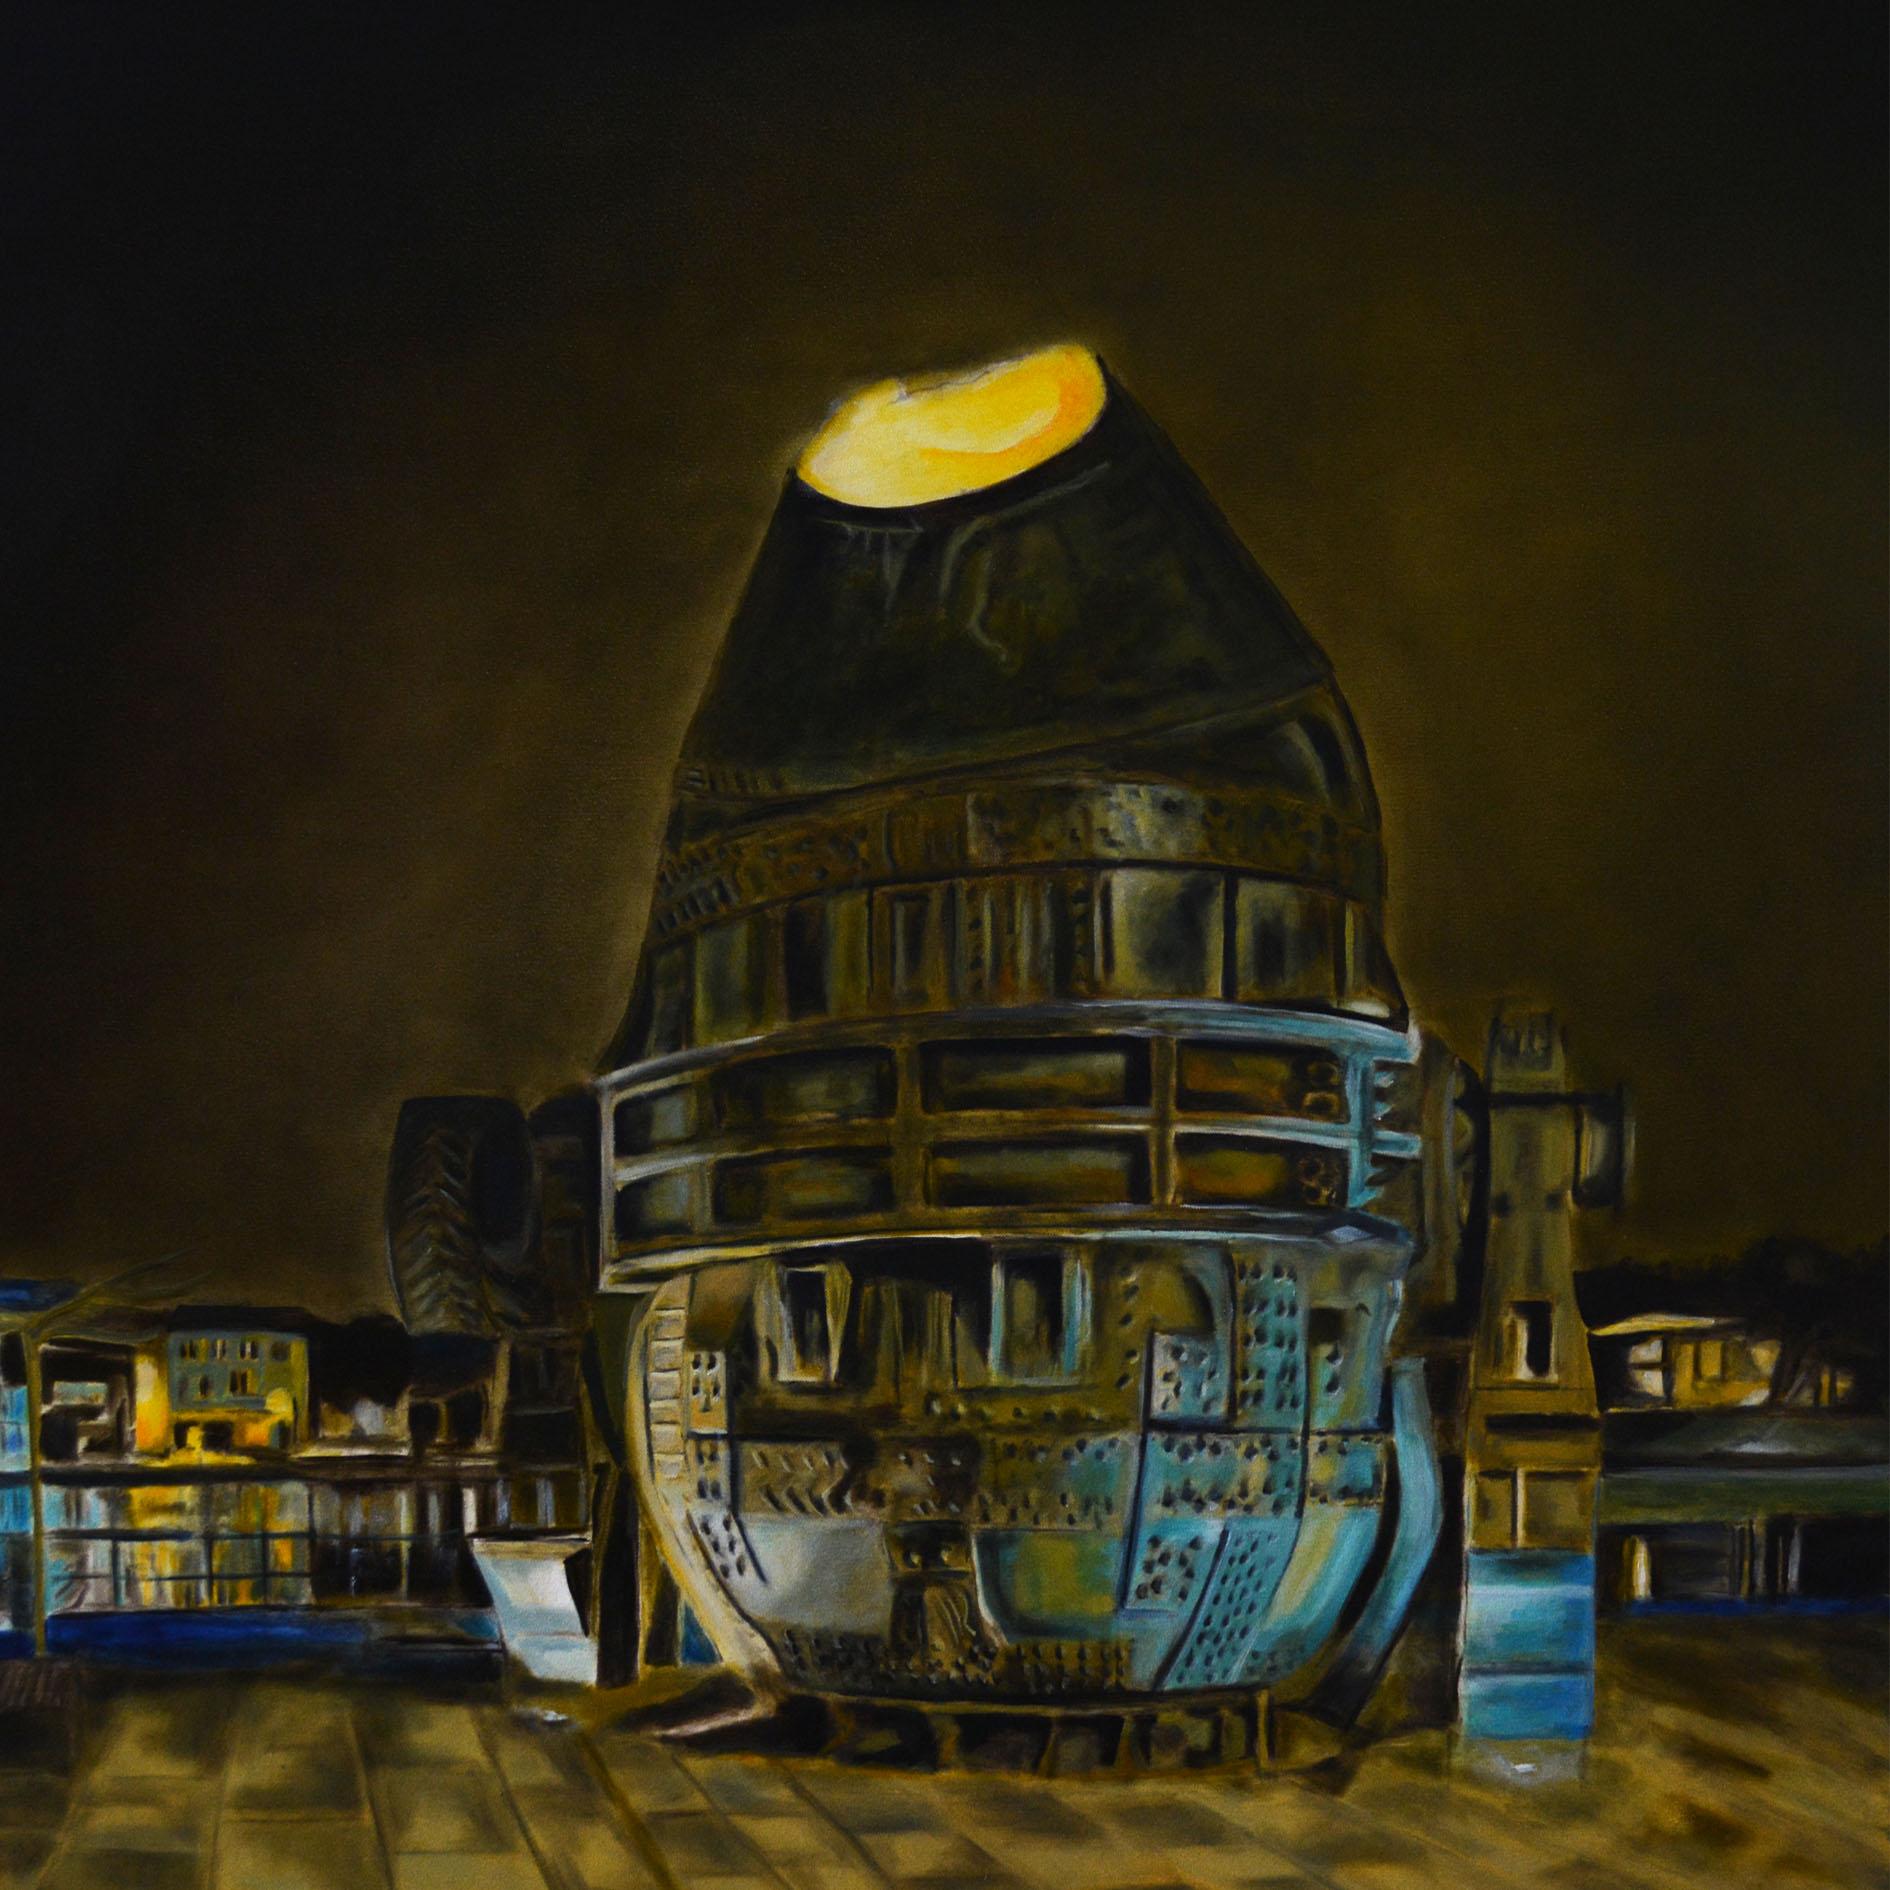 STAHL-KONVERTER, Öl auf Leinwand, 100 x 100 cm